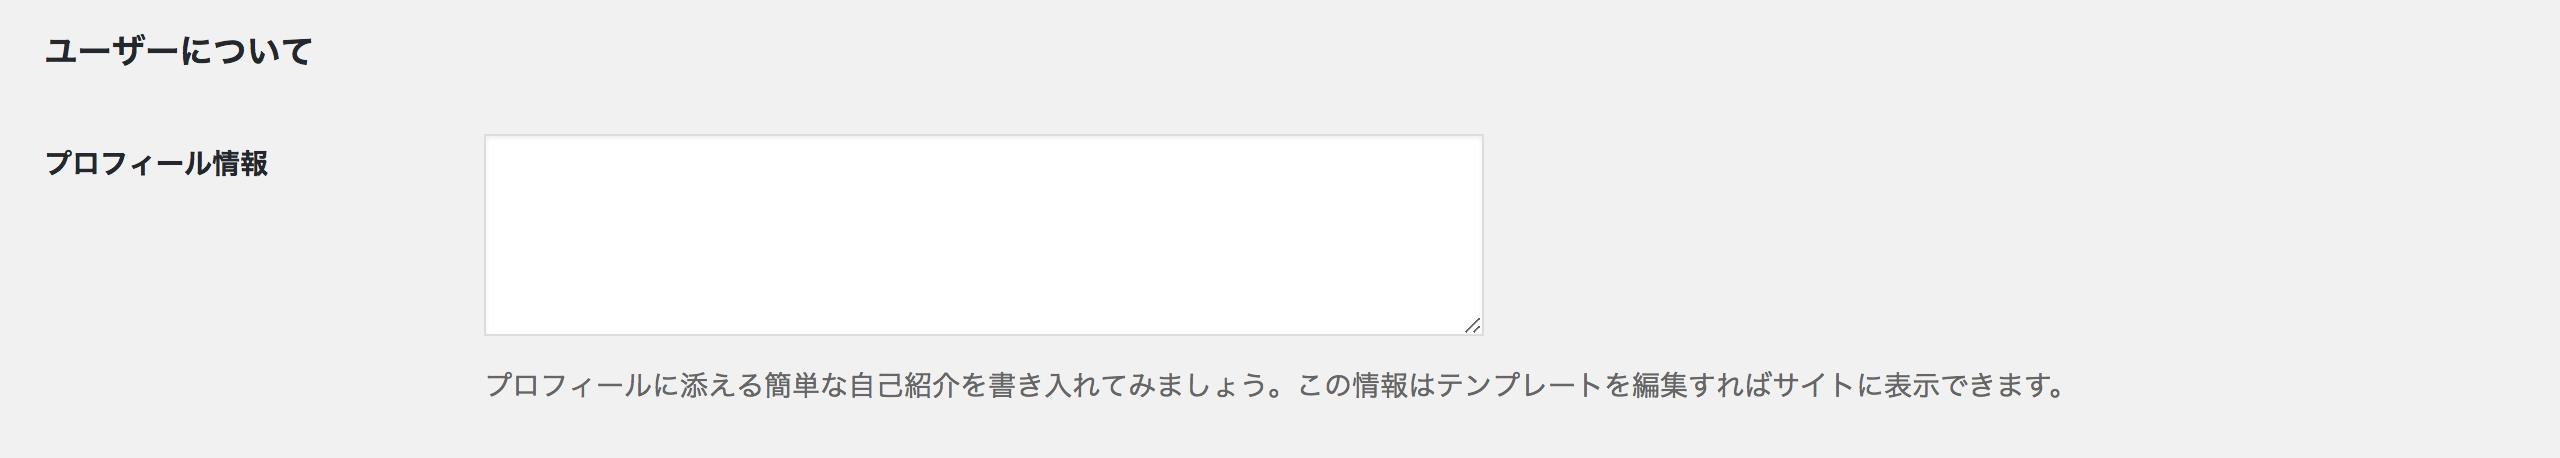 ユーザー編集 ユーザーについて